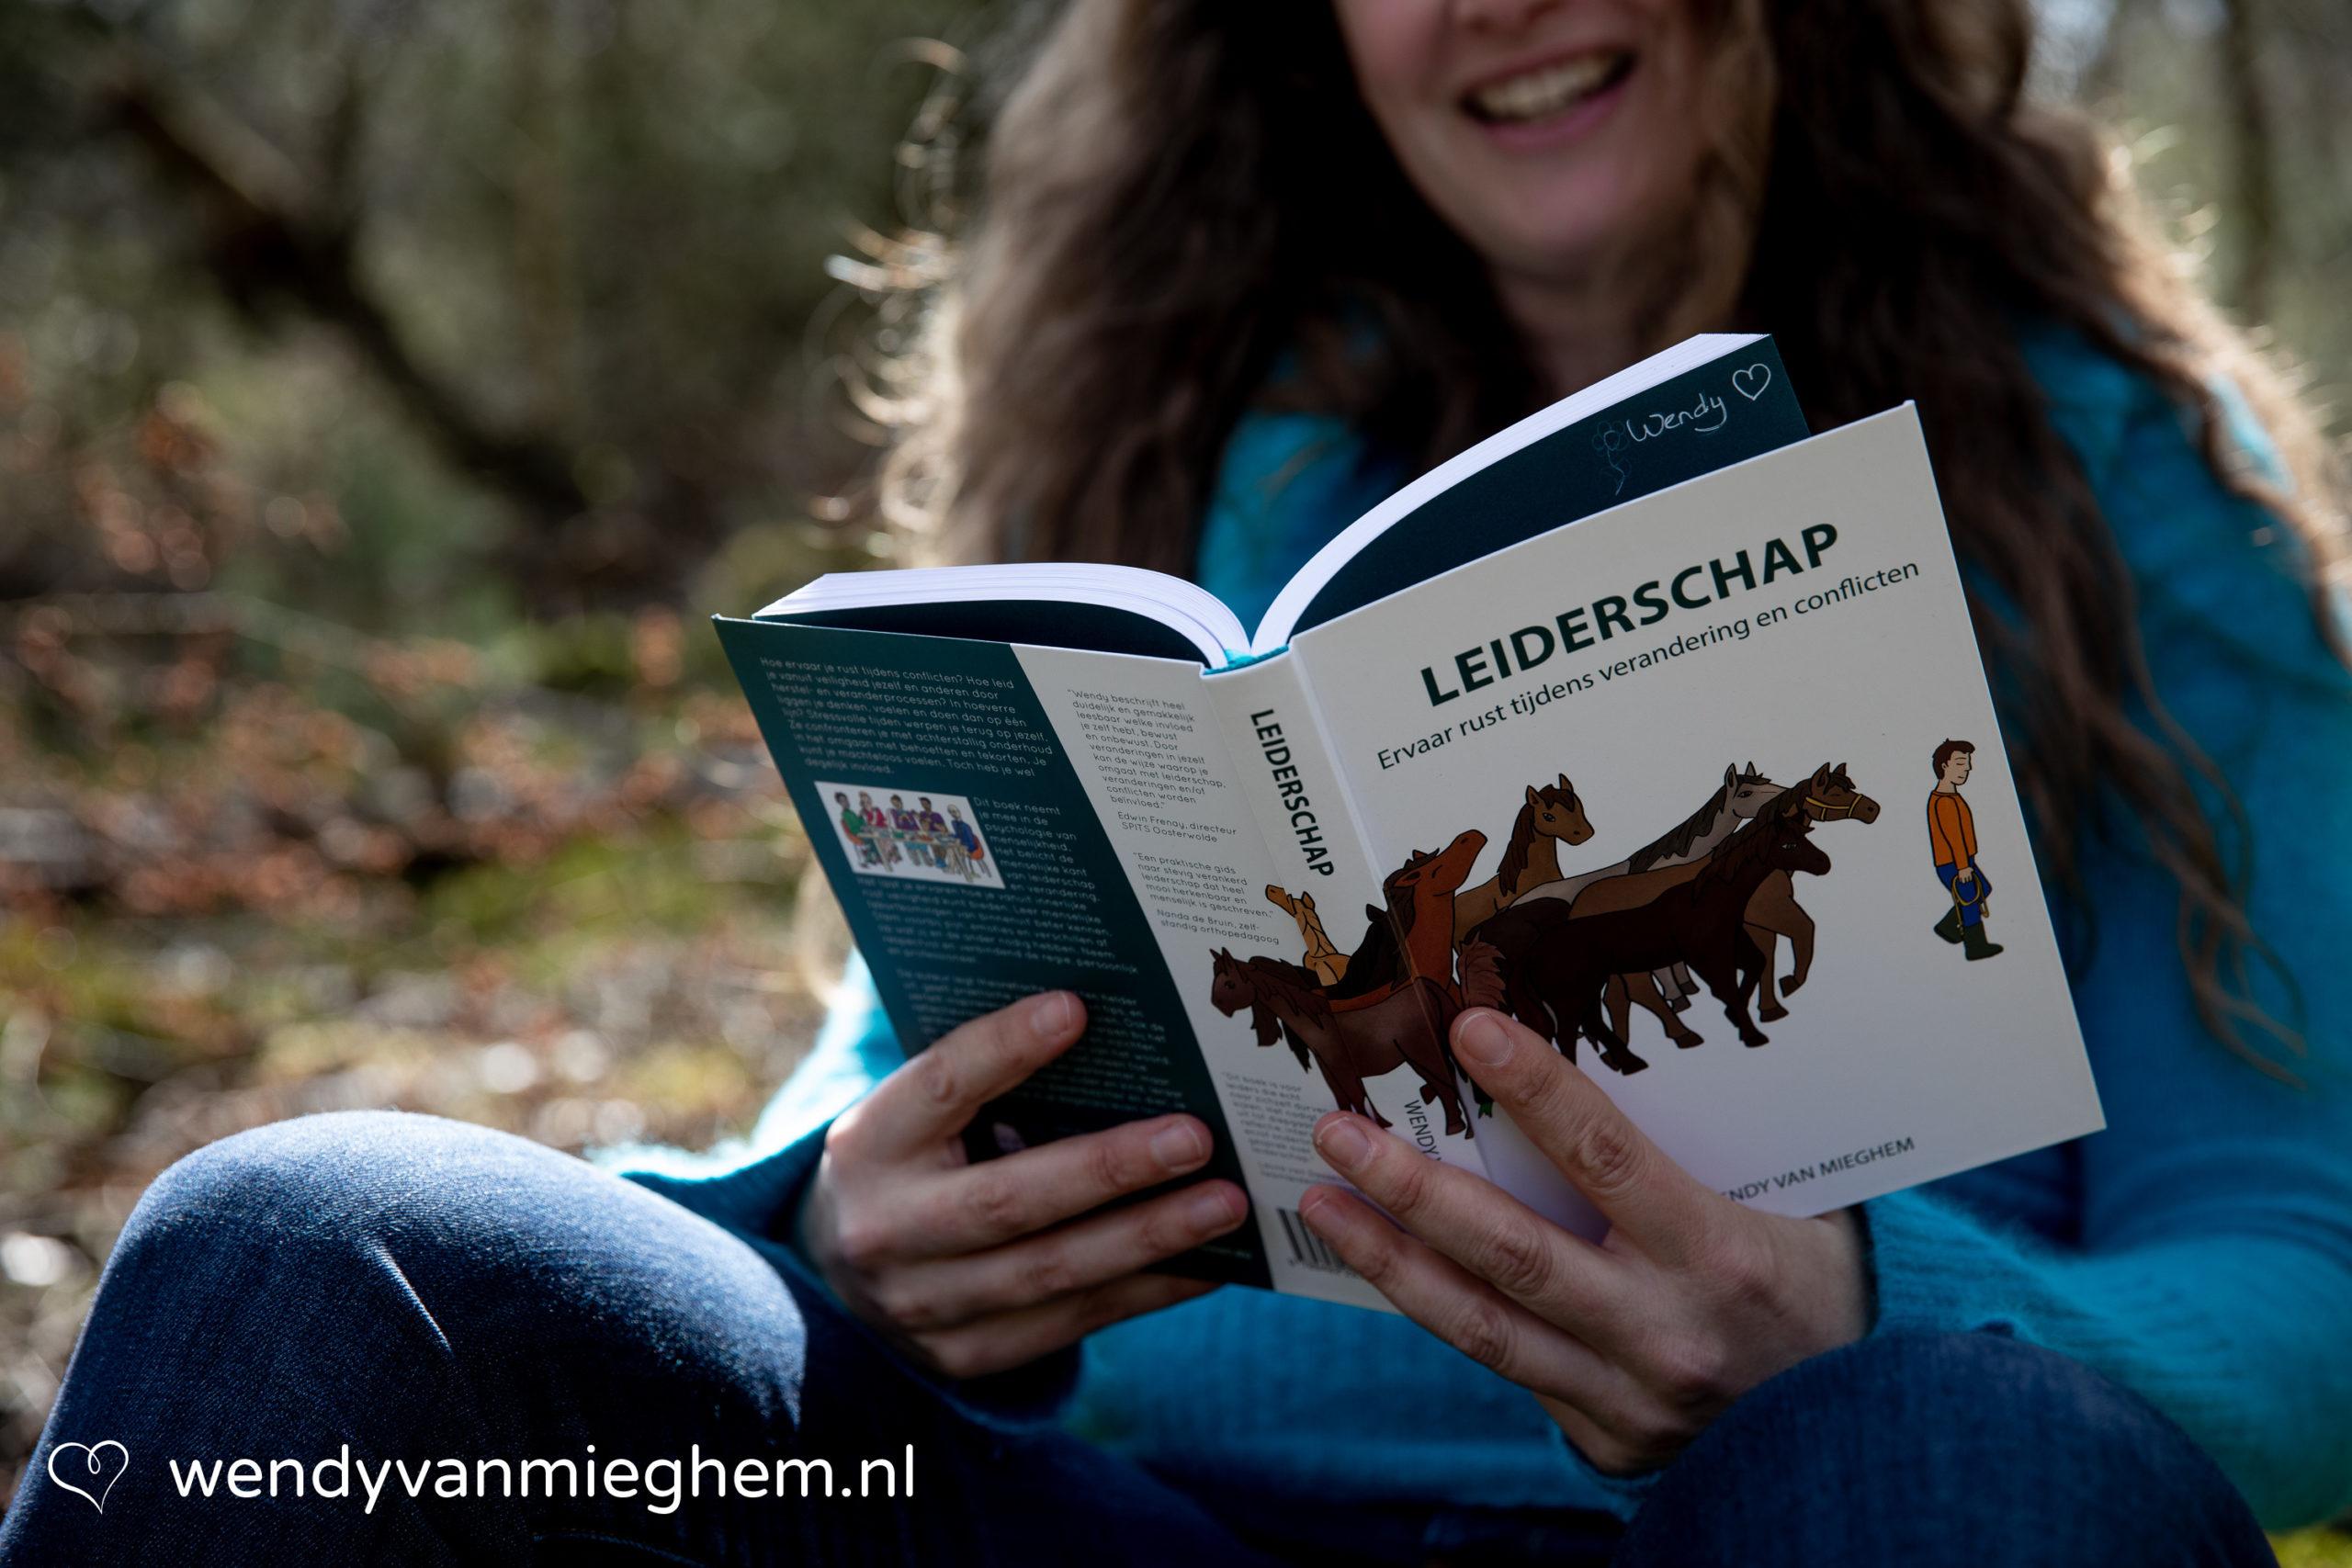 Leiderschap inzichten, training en tools - Psychologieboeken.eu